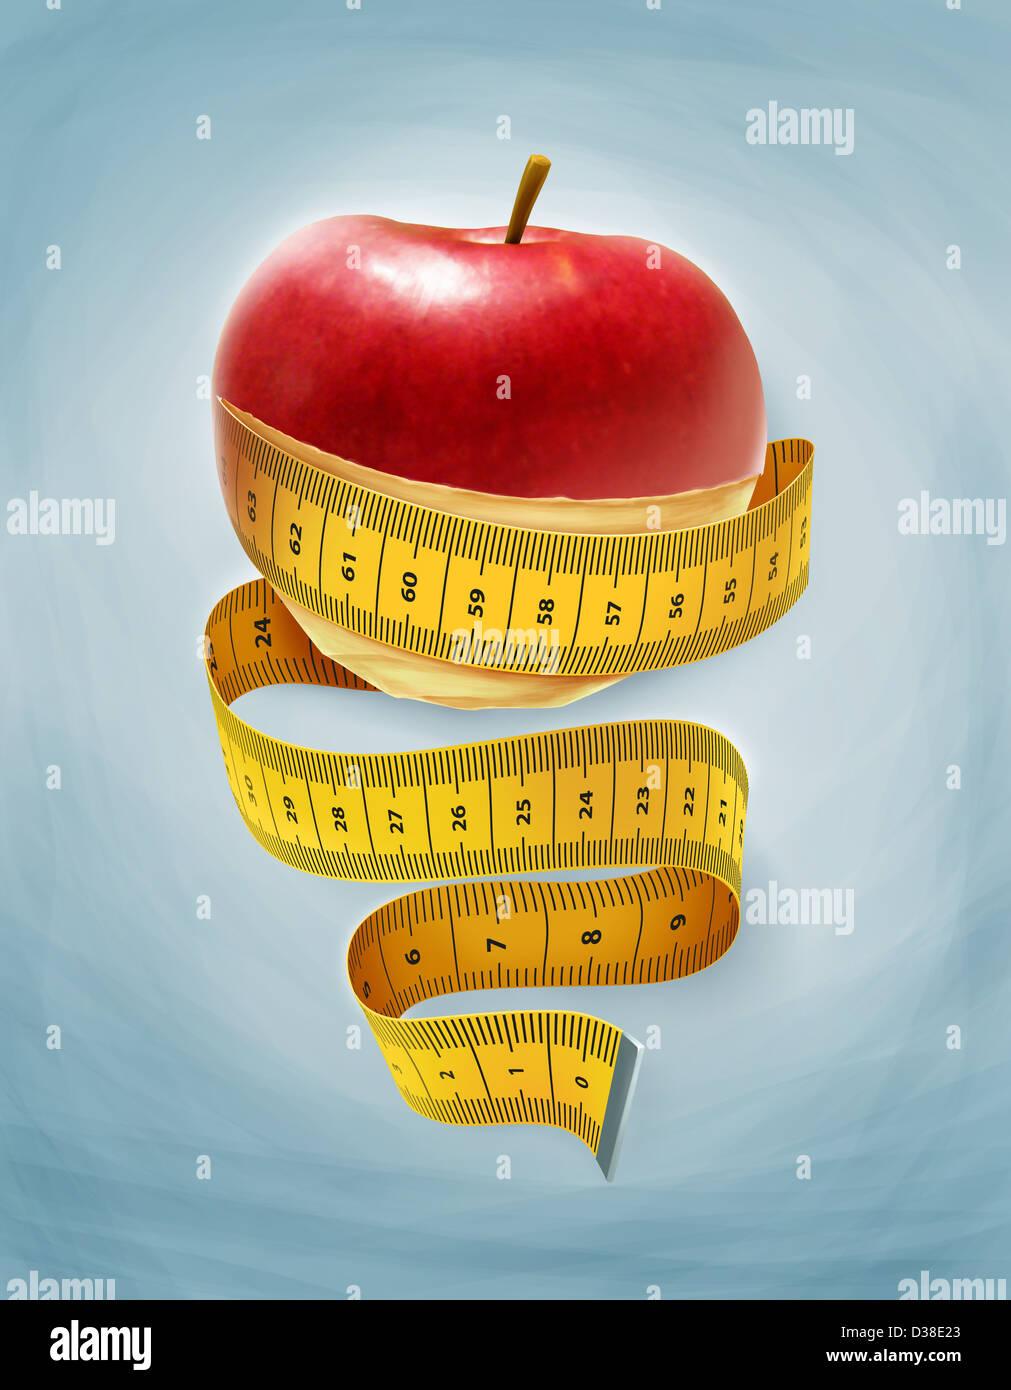 Image d'illustration d'une pomme enveloppée avec bande de mesure représentant un régime amaigrissant Banque D'Images